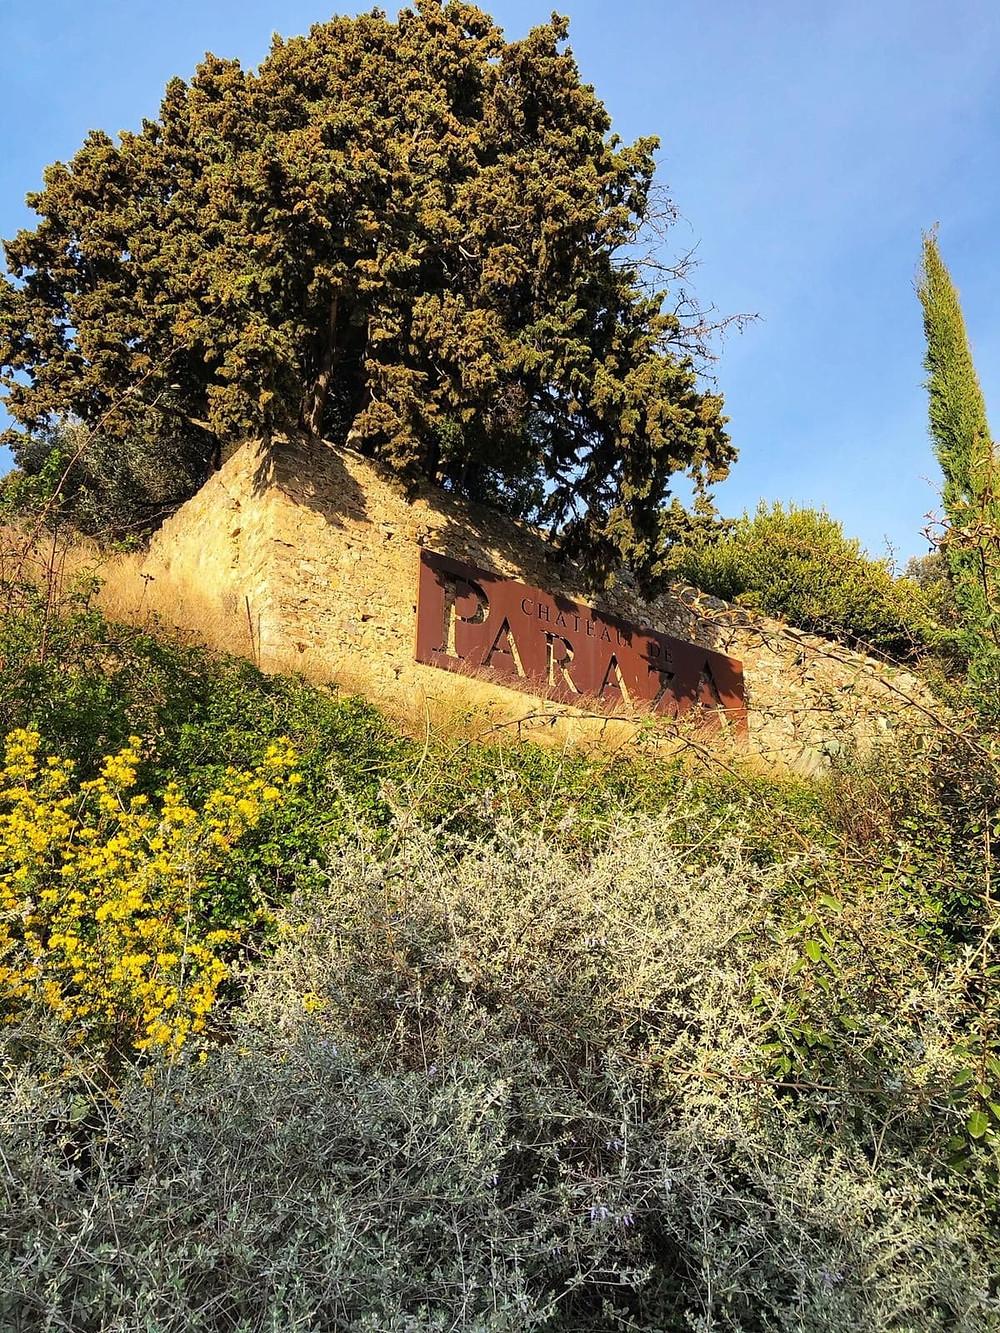 Entrée au Château de Paraza, Minervois amoureux du vin dégustation oenotourisme Languedoc la petite nenette consultance vin et communication